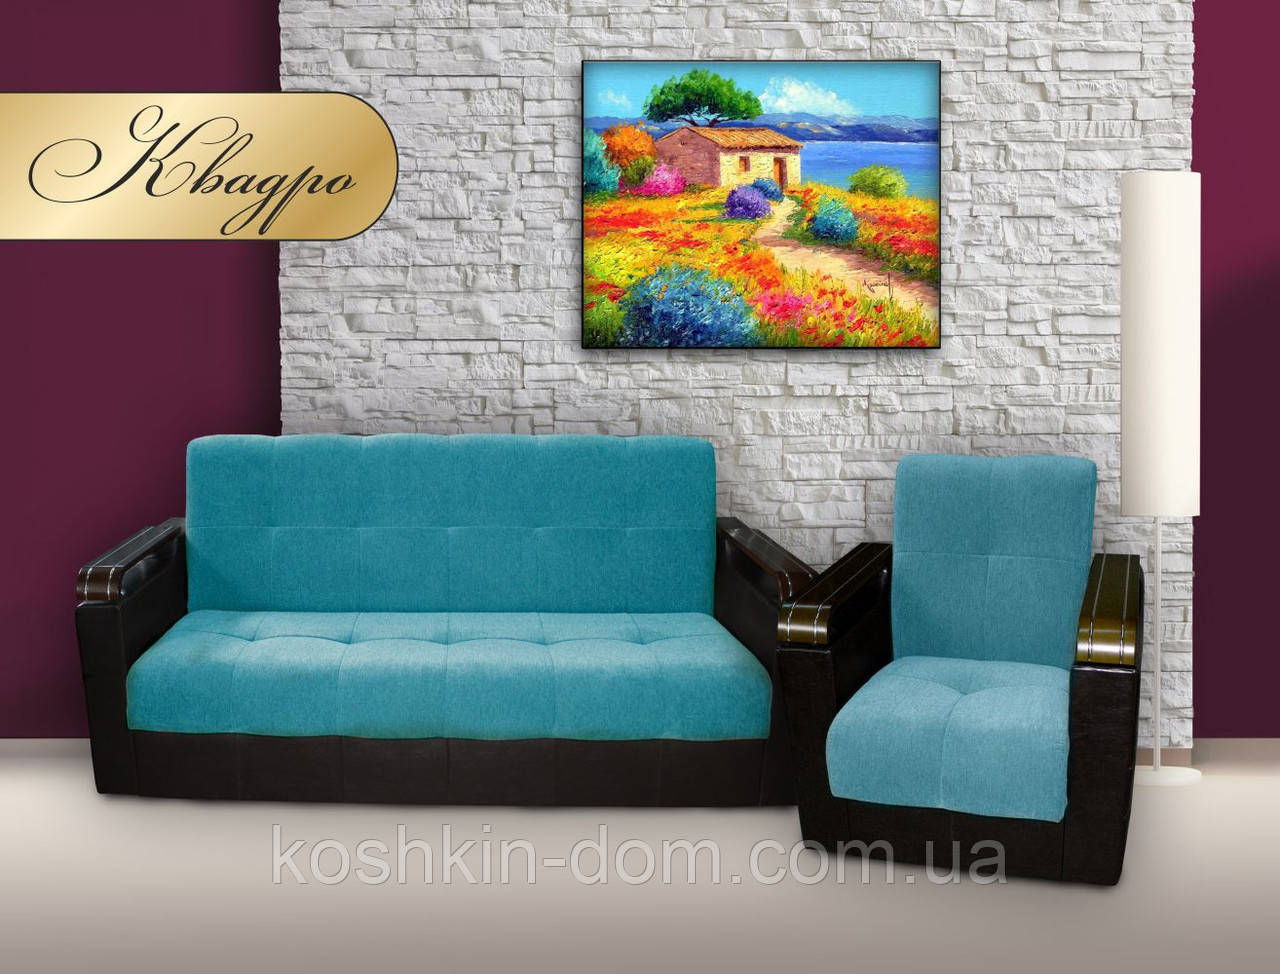 """Комплект м'яких меблів """"Квадро"""" (диван + крісло)"""